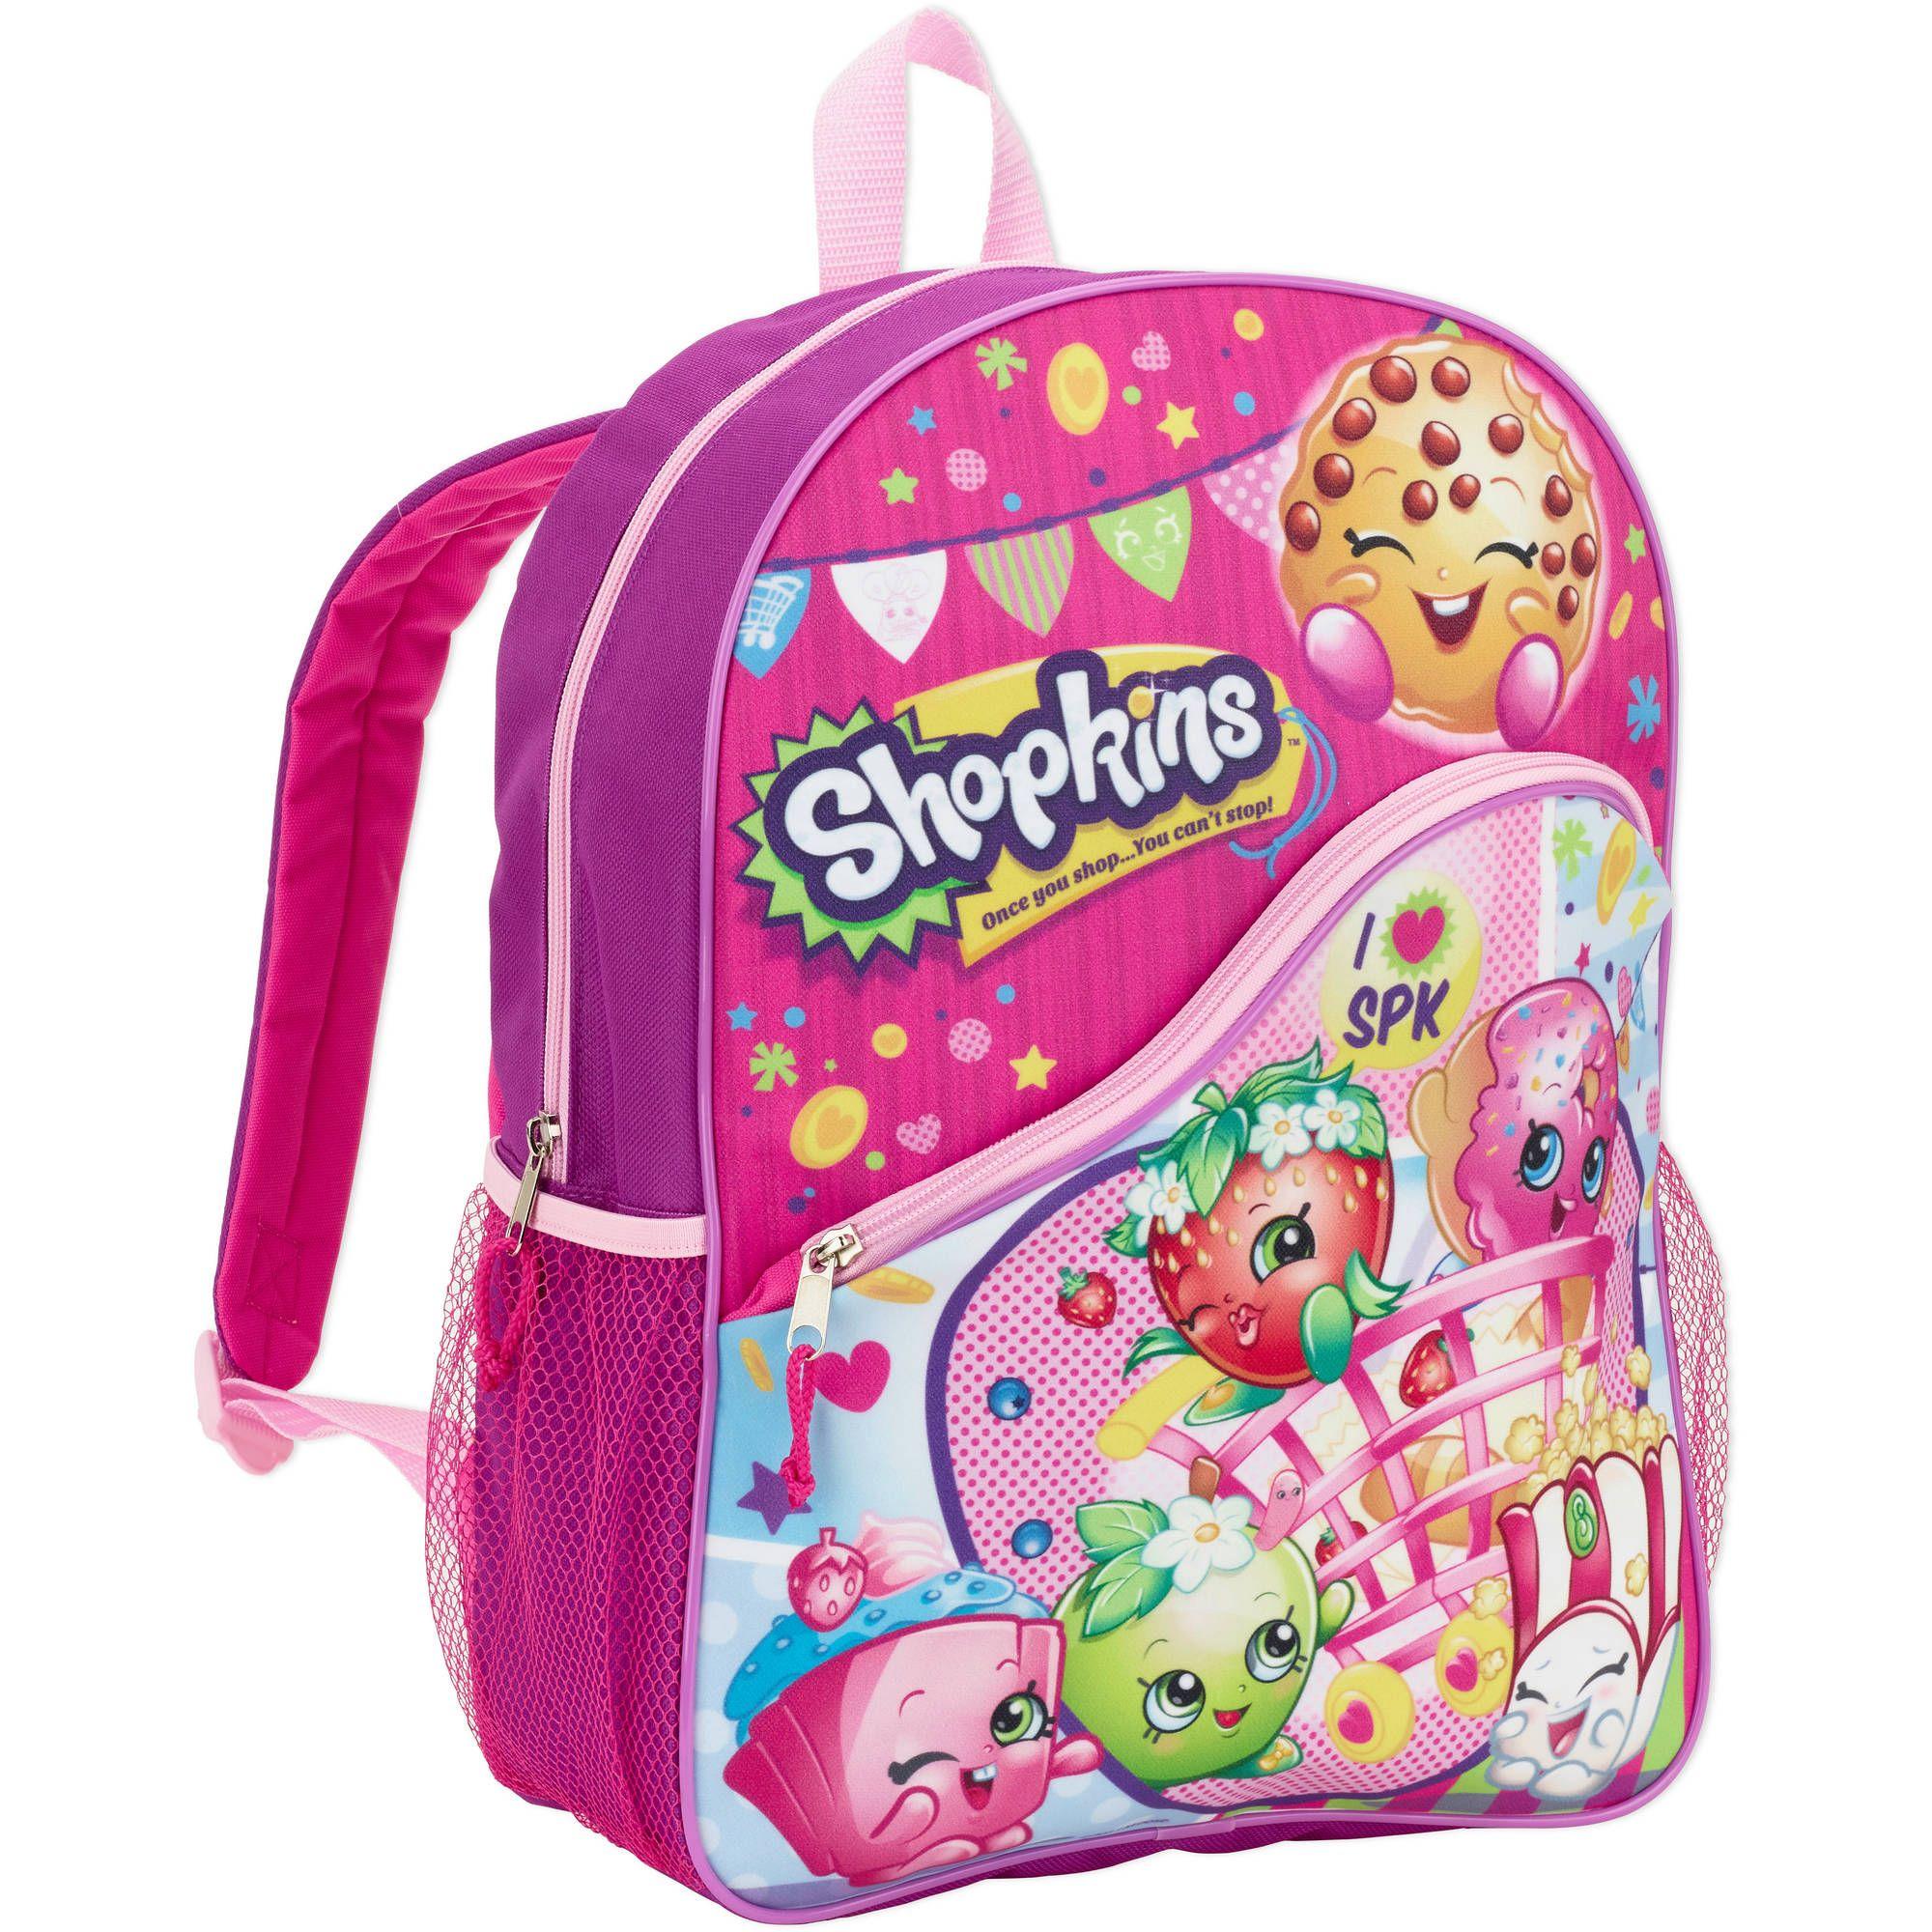 Image result for shopkins backpack  40170857104c5